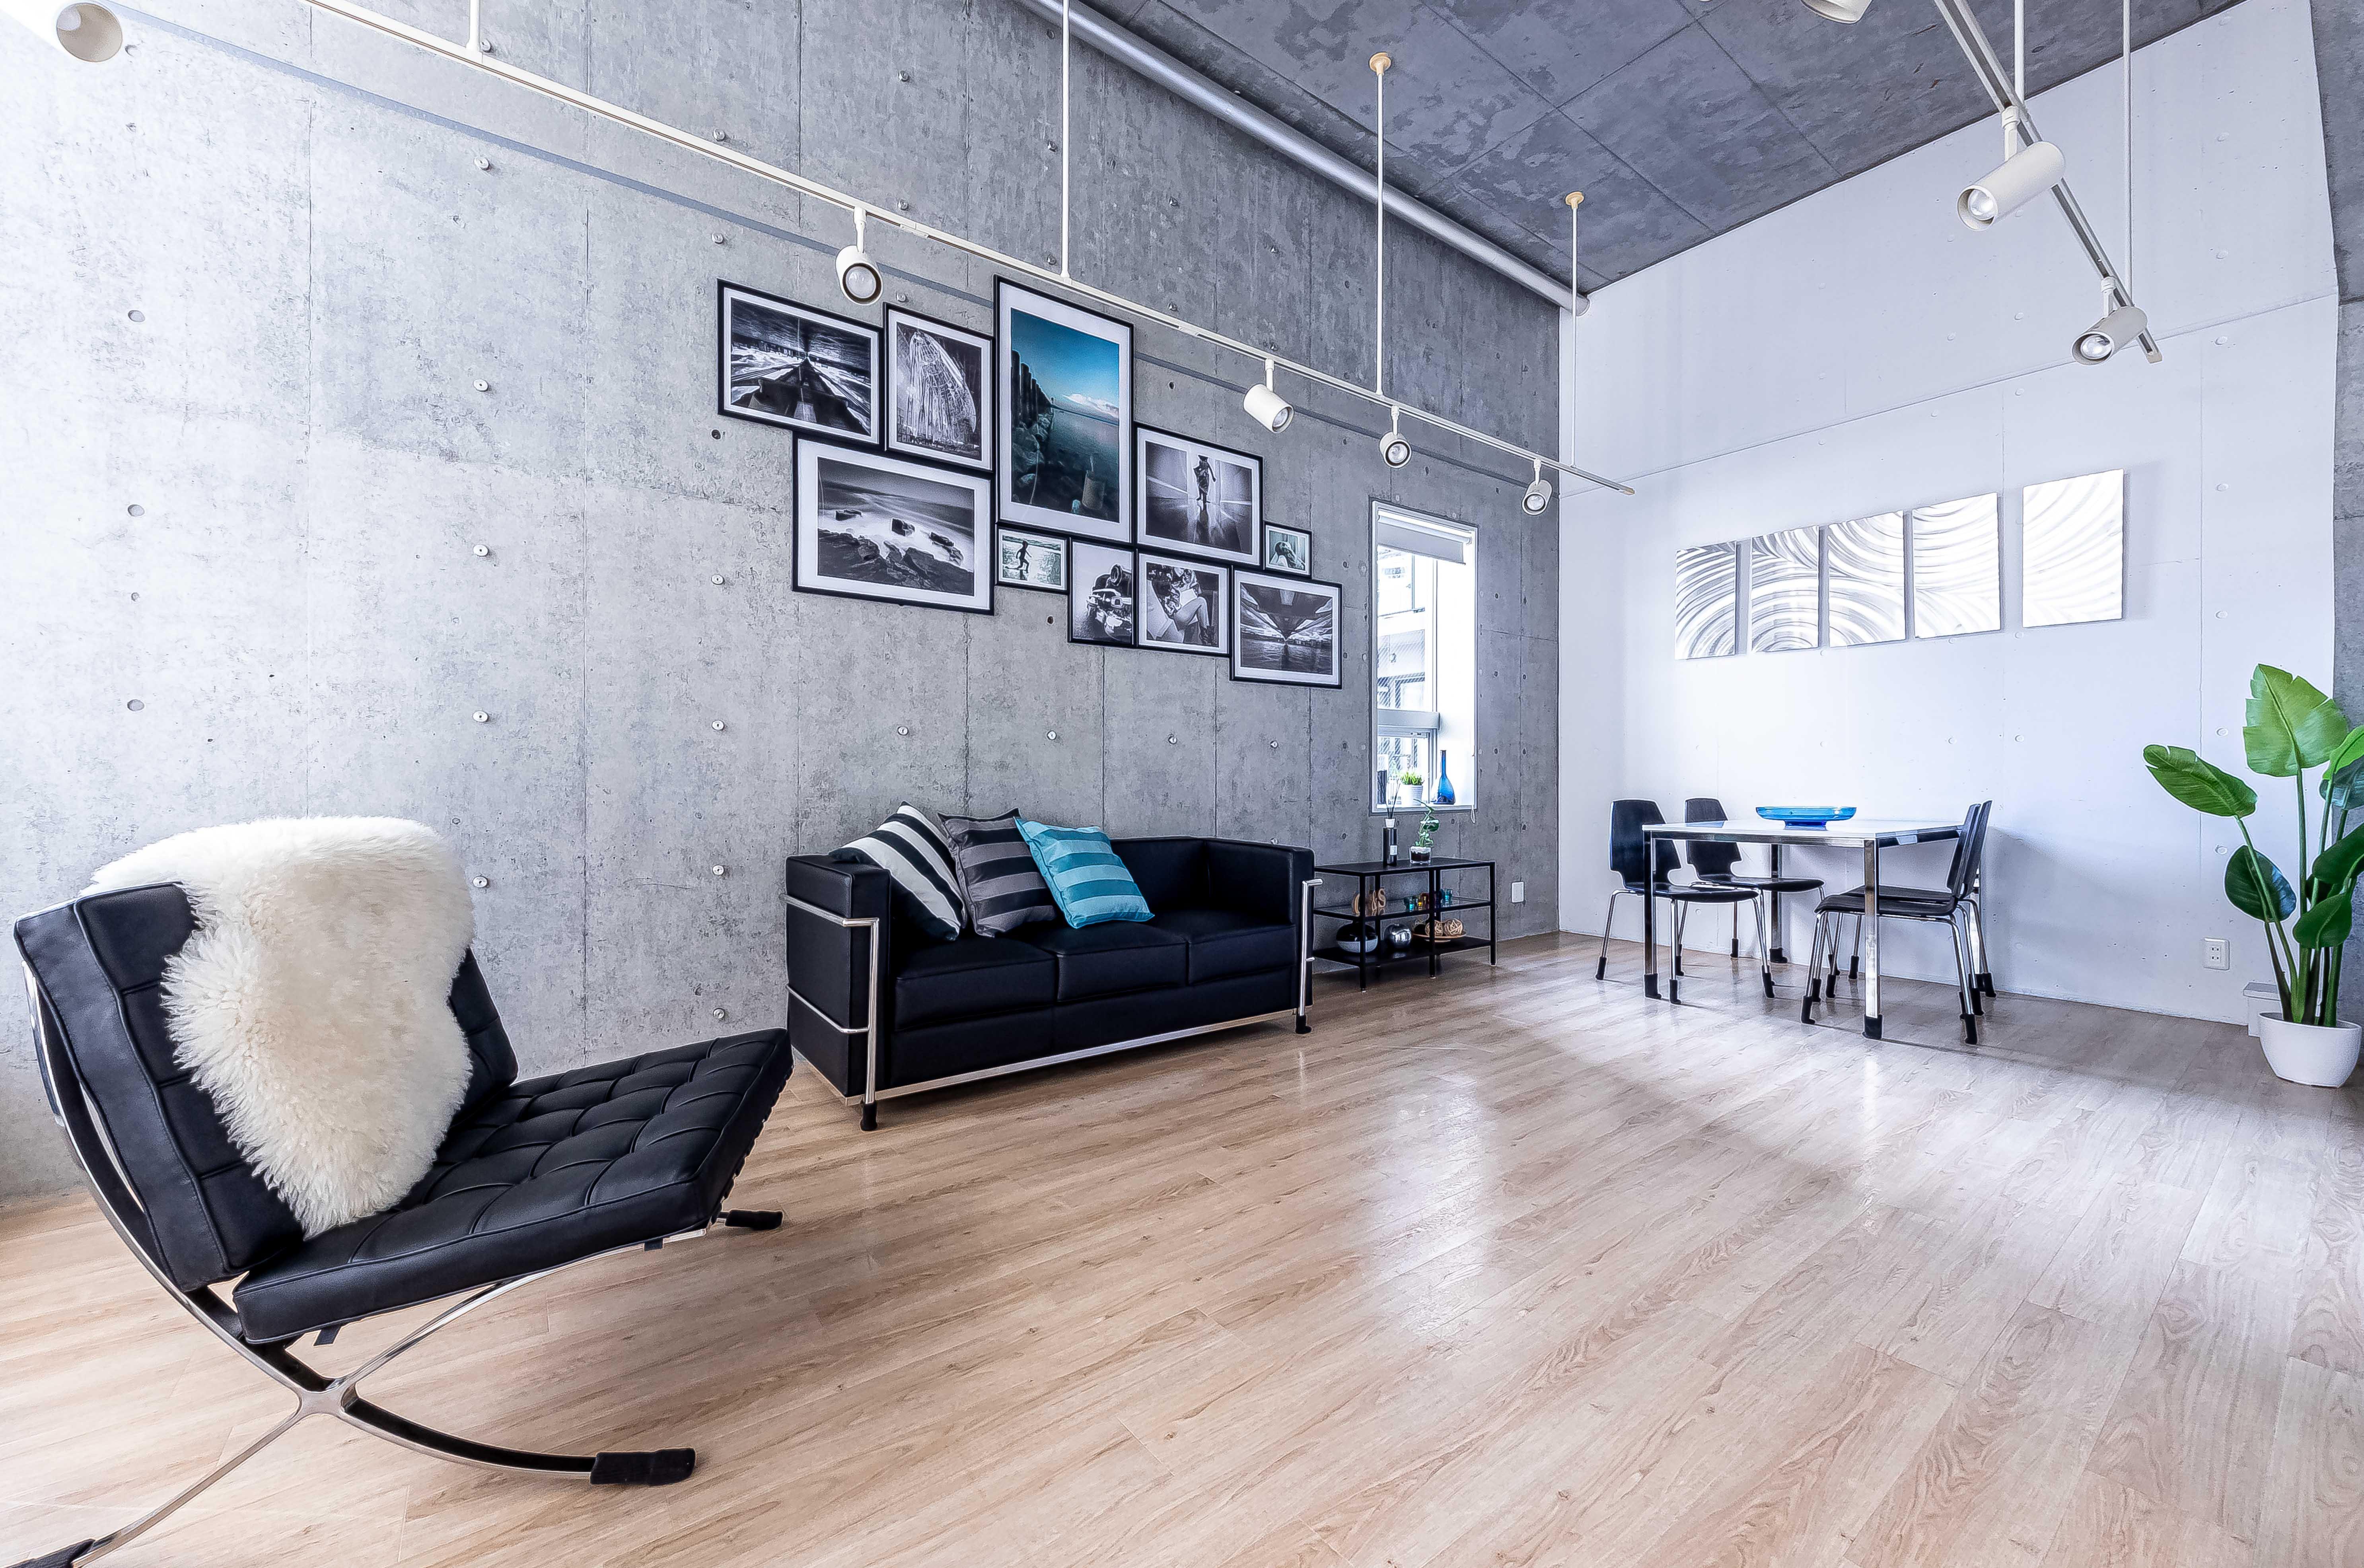 A1.  撮影スタジオの室内の写真